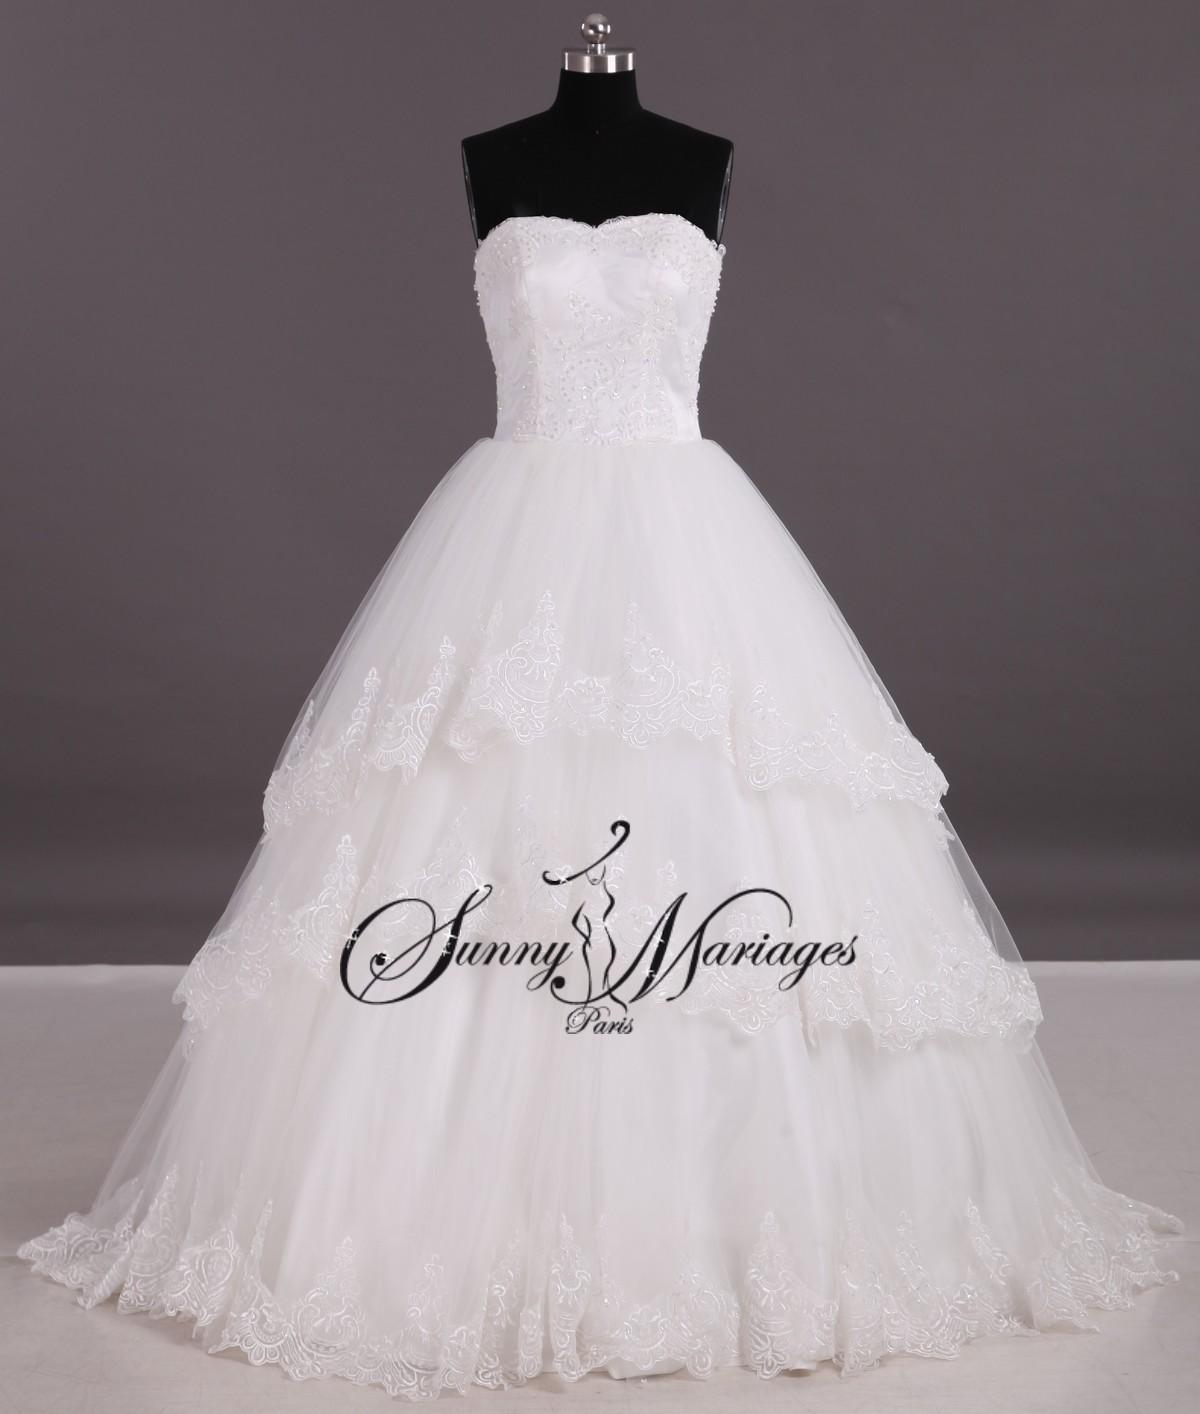 Vous êtes ici : Sunny Mariage » robe de mariée » Robe de mariee ...